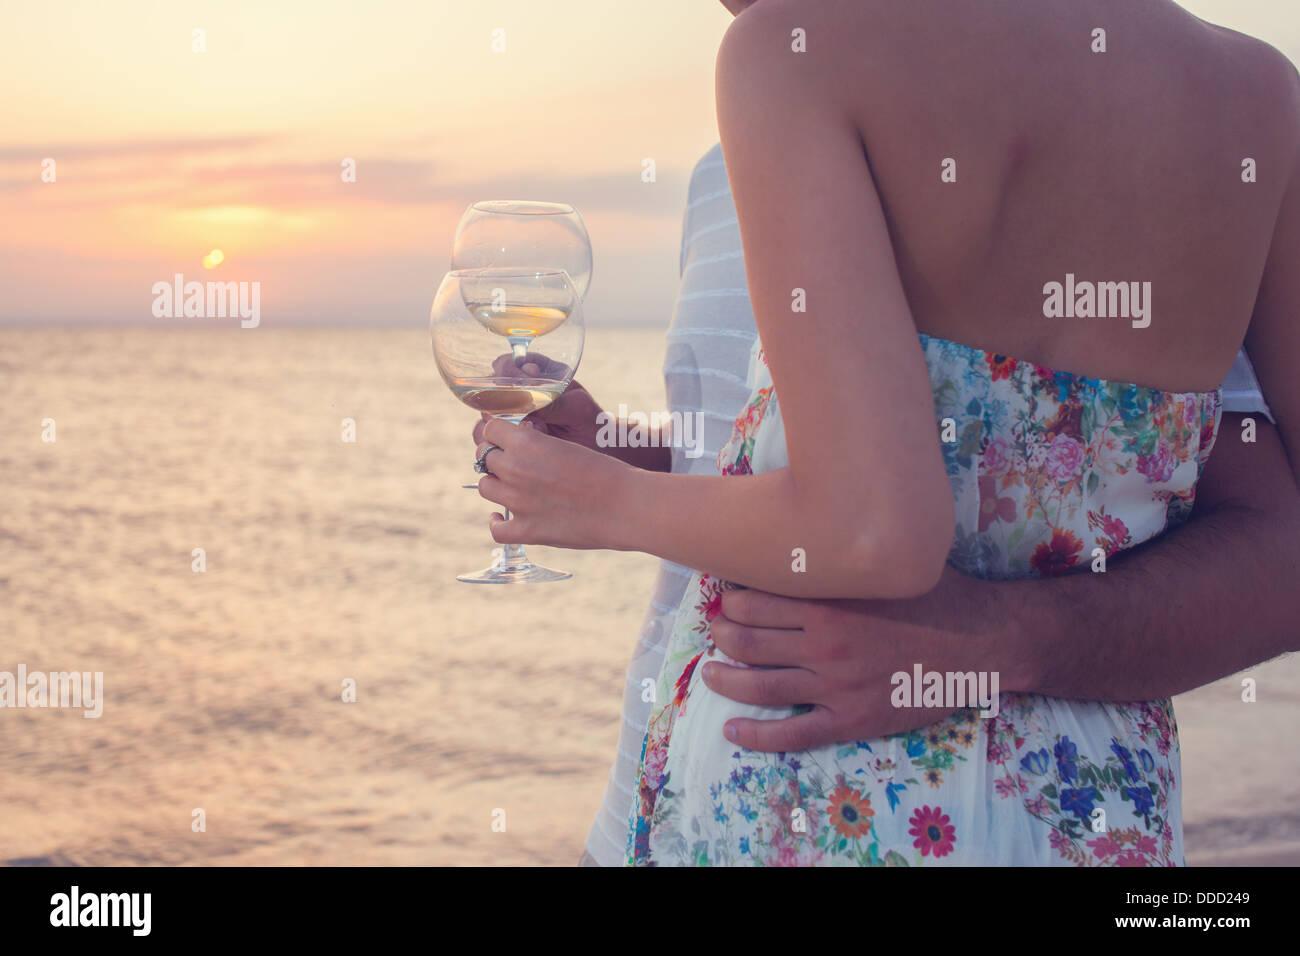 Primo piano di bicchieri di vino bianco durante il tramonto sulla spiaggia. Giovane su un picnic. Immagini Stock